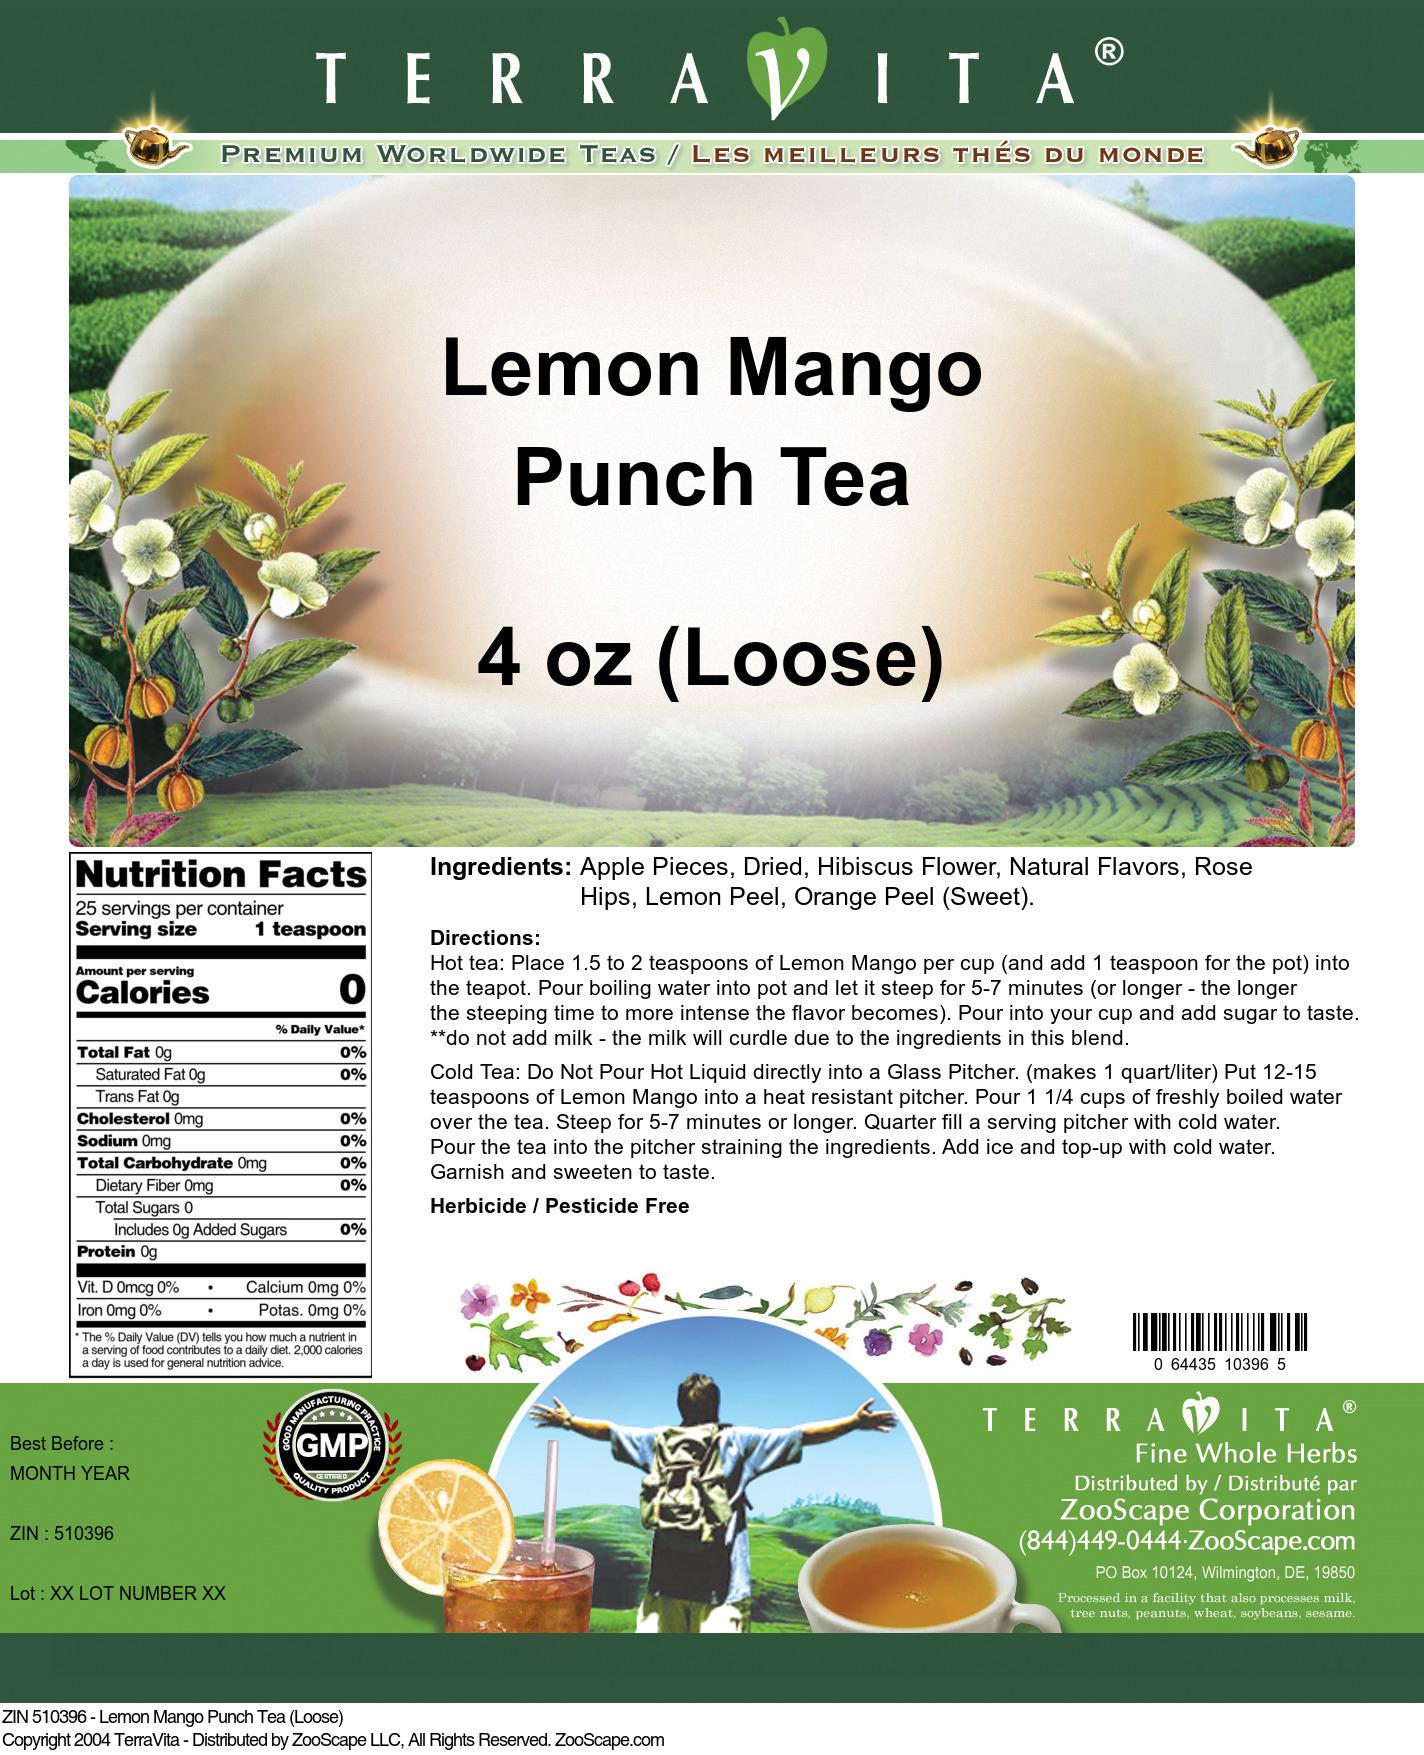 Lemon Mango Punch Tea (Loose)